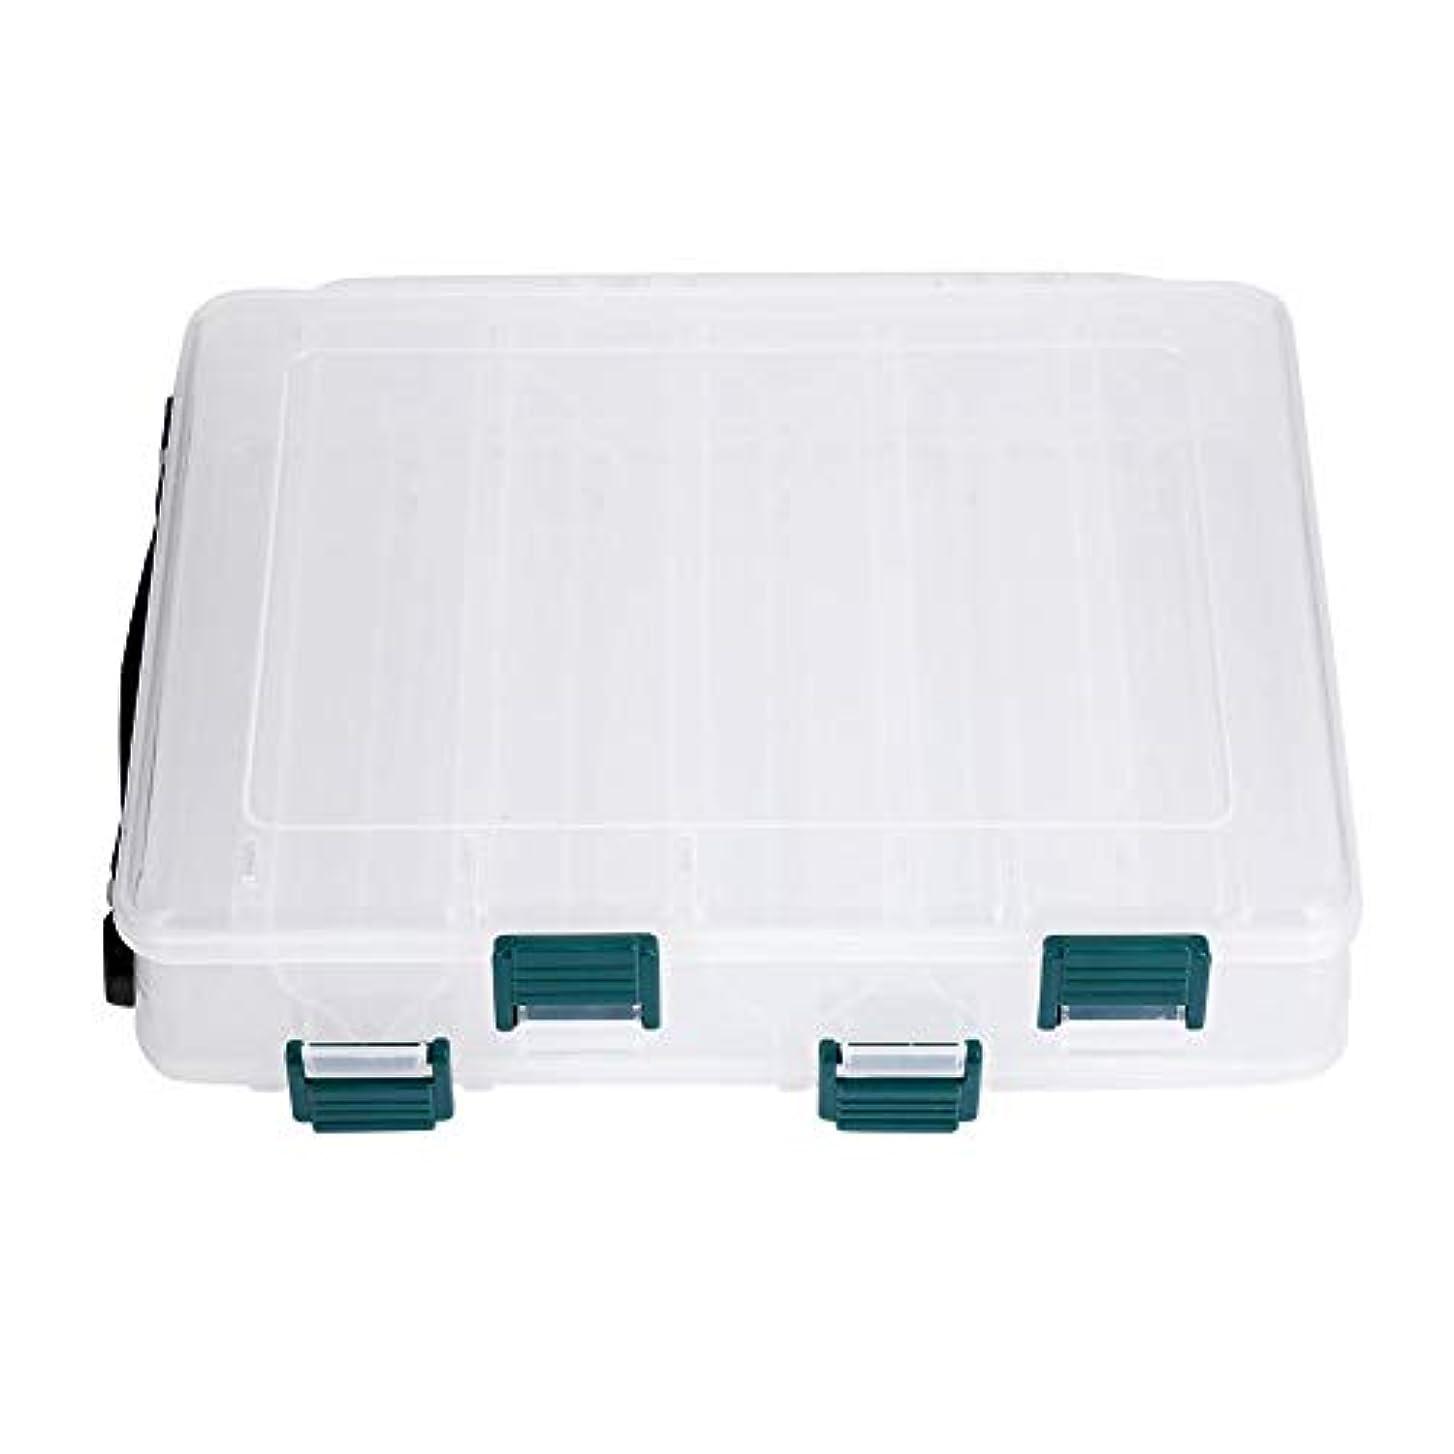 登山家危険な頼るタックルボックス 両面 フィッシングボックス 防水 釣具収納 ルアーケース プラスチック ルアーボックス 持ち運び易い 釣り道具 ボックス